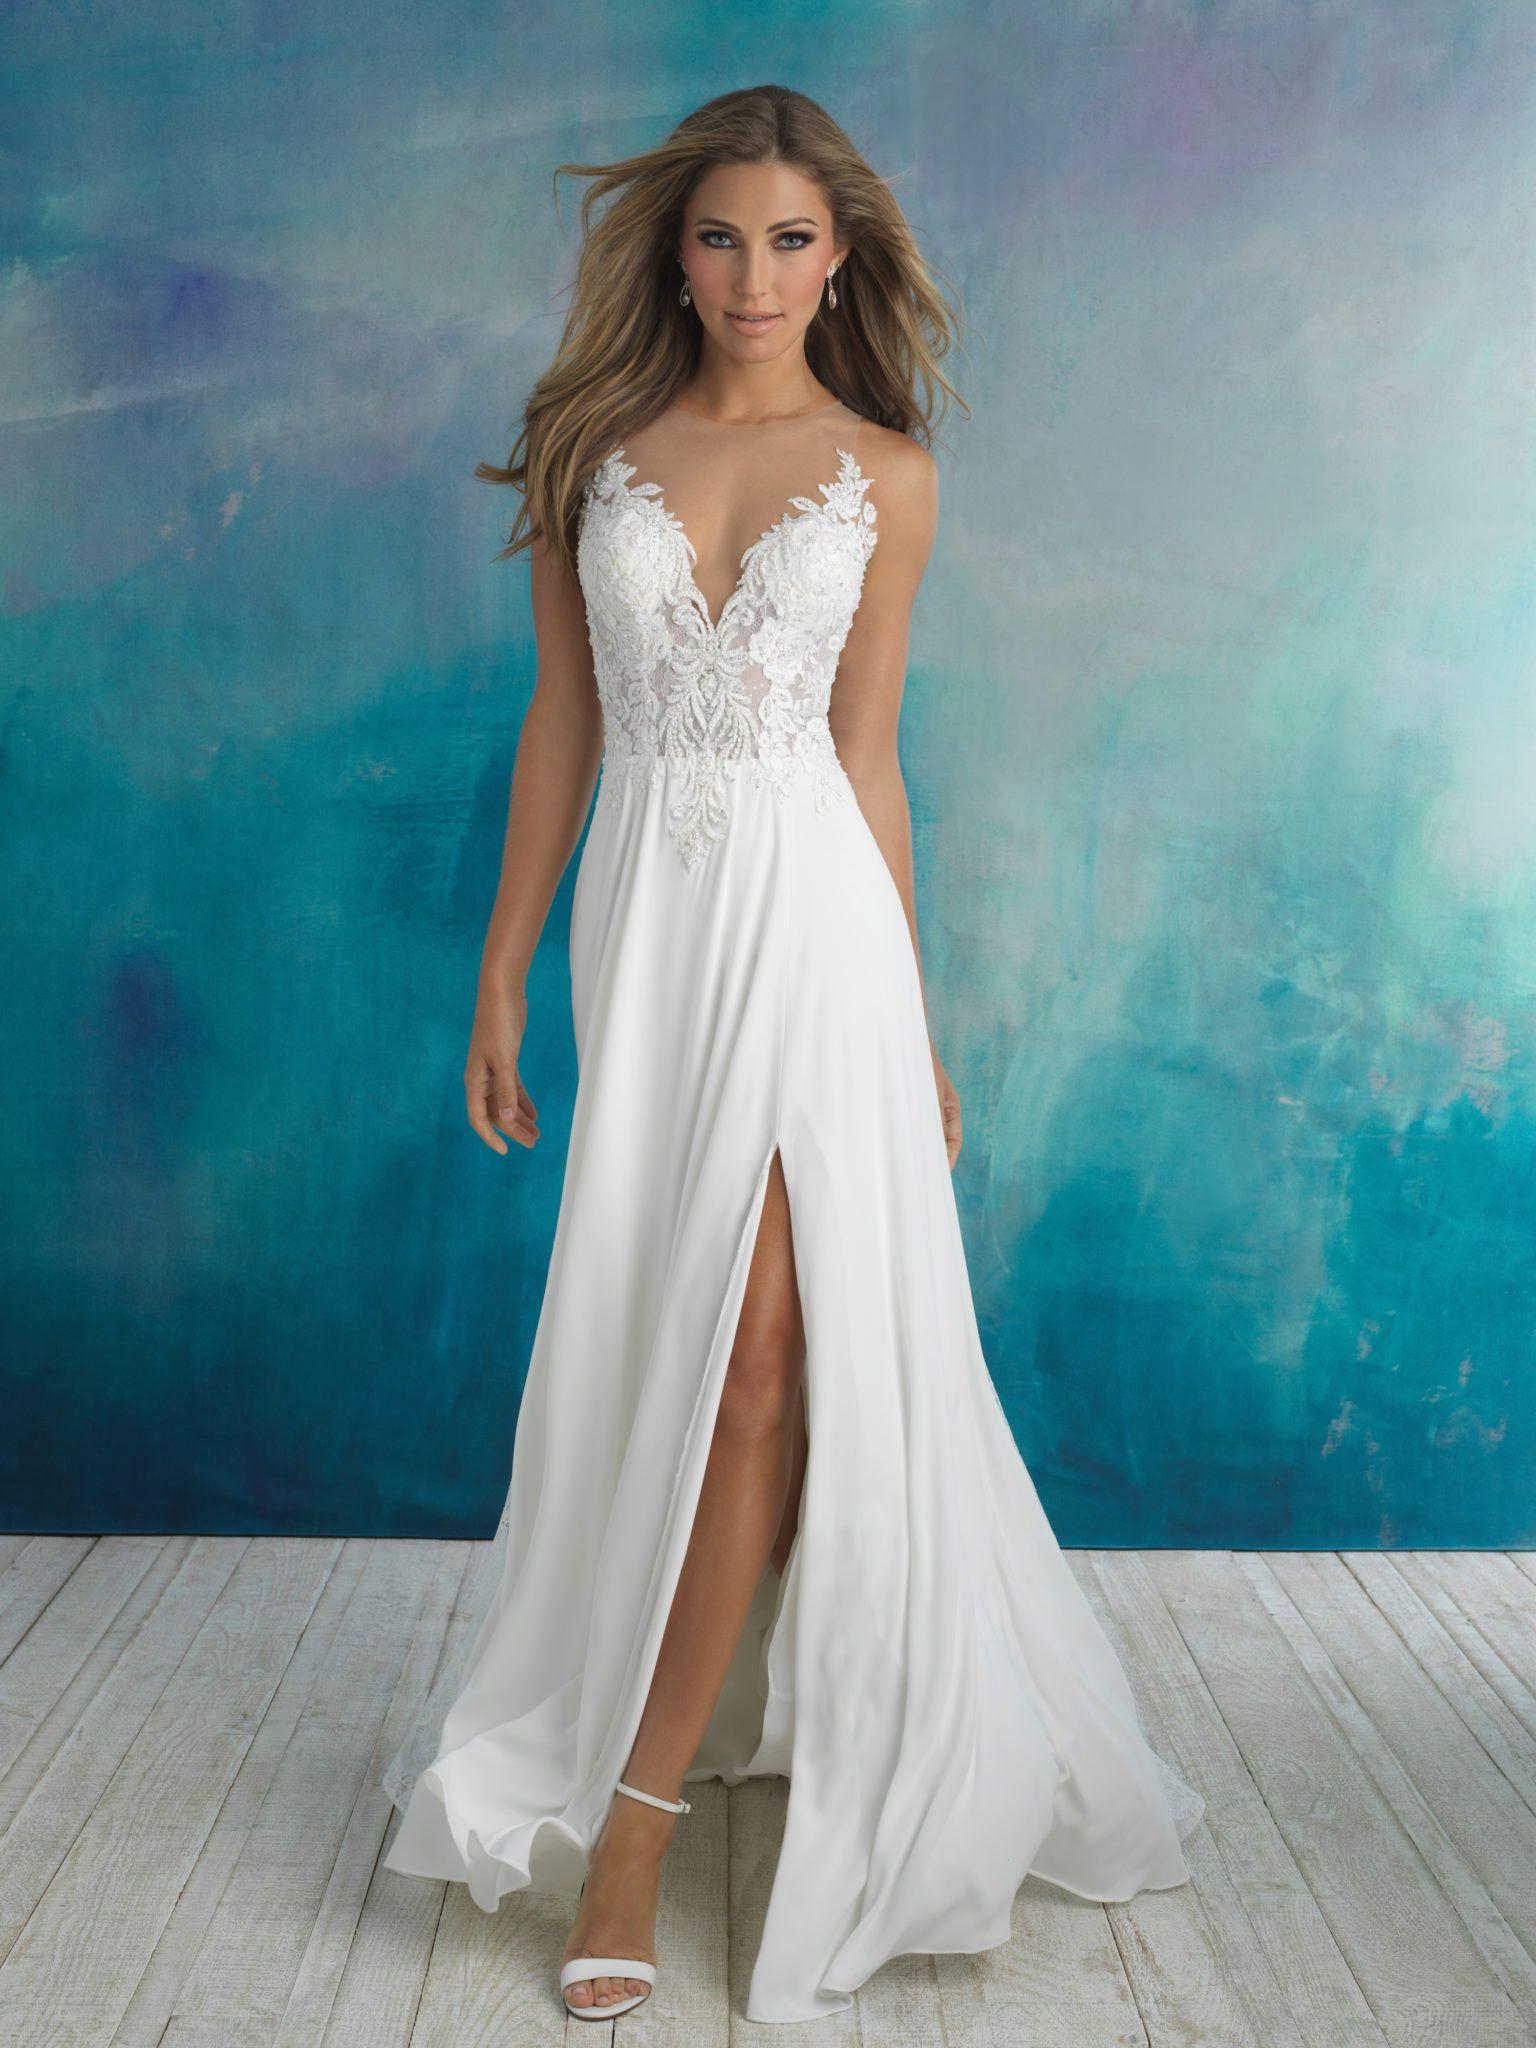 Outstanding Zulu Wedding Dresses Gift - All Wedding Dresses ...